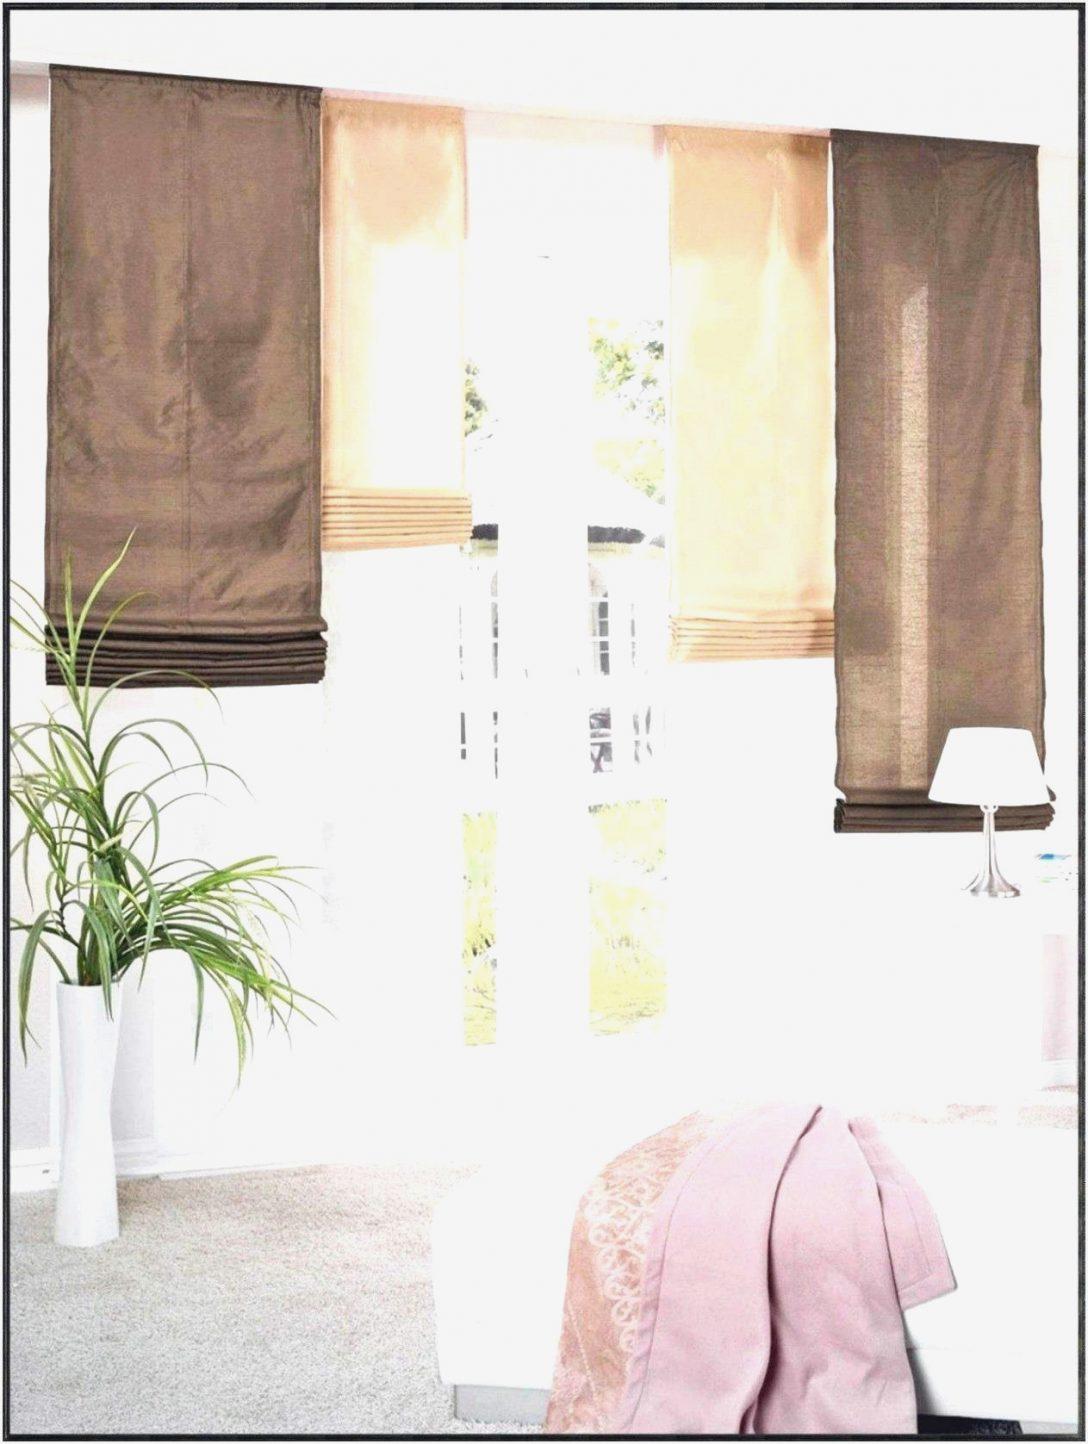 Large Size of Gardinen Beispiele Wohnzimmer Ikea Schiebegardinen Küche Kaufen Für Miniküche Schlafzimmer Betten 160x200 Kosten Die Fenster Bei Sofa Mit Schlaffunktion Wohnzimmer Gardinen Ikea